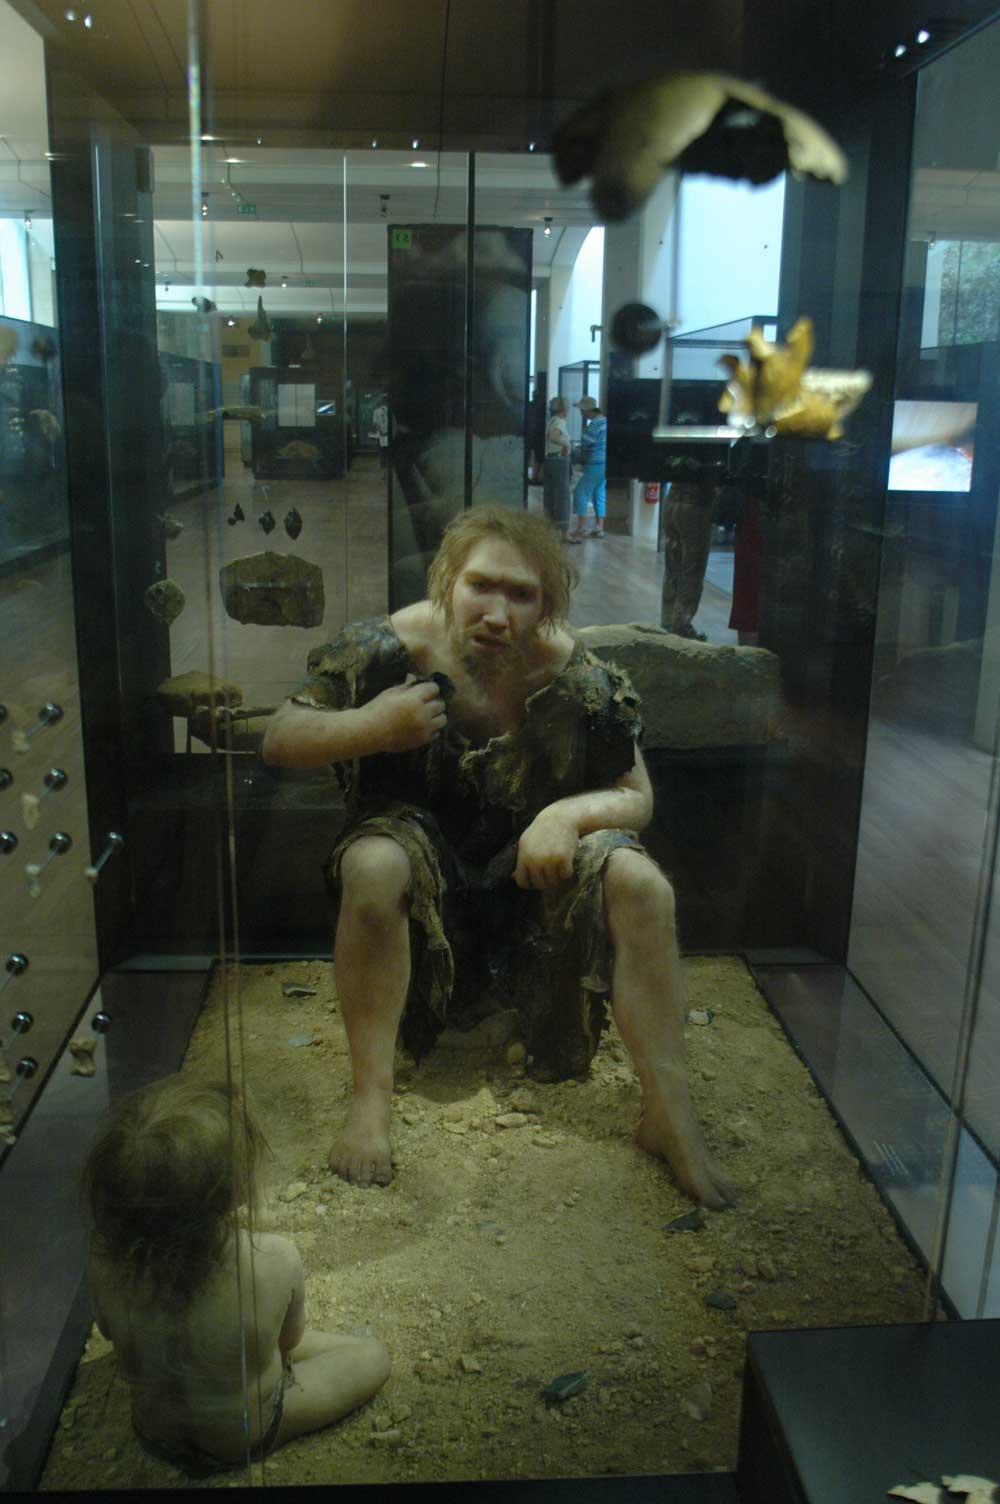 Musée de la Préhistoire - les Eyzies de tayac 090117105129111023010152